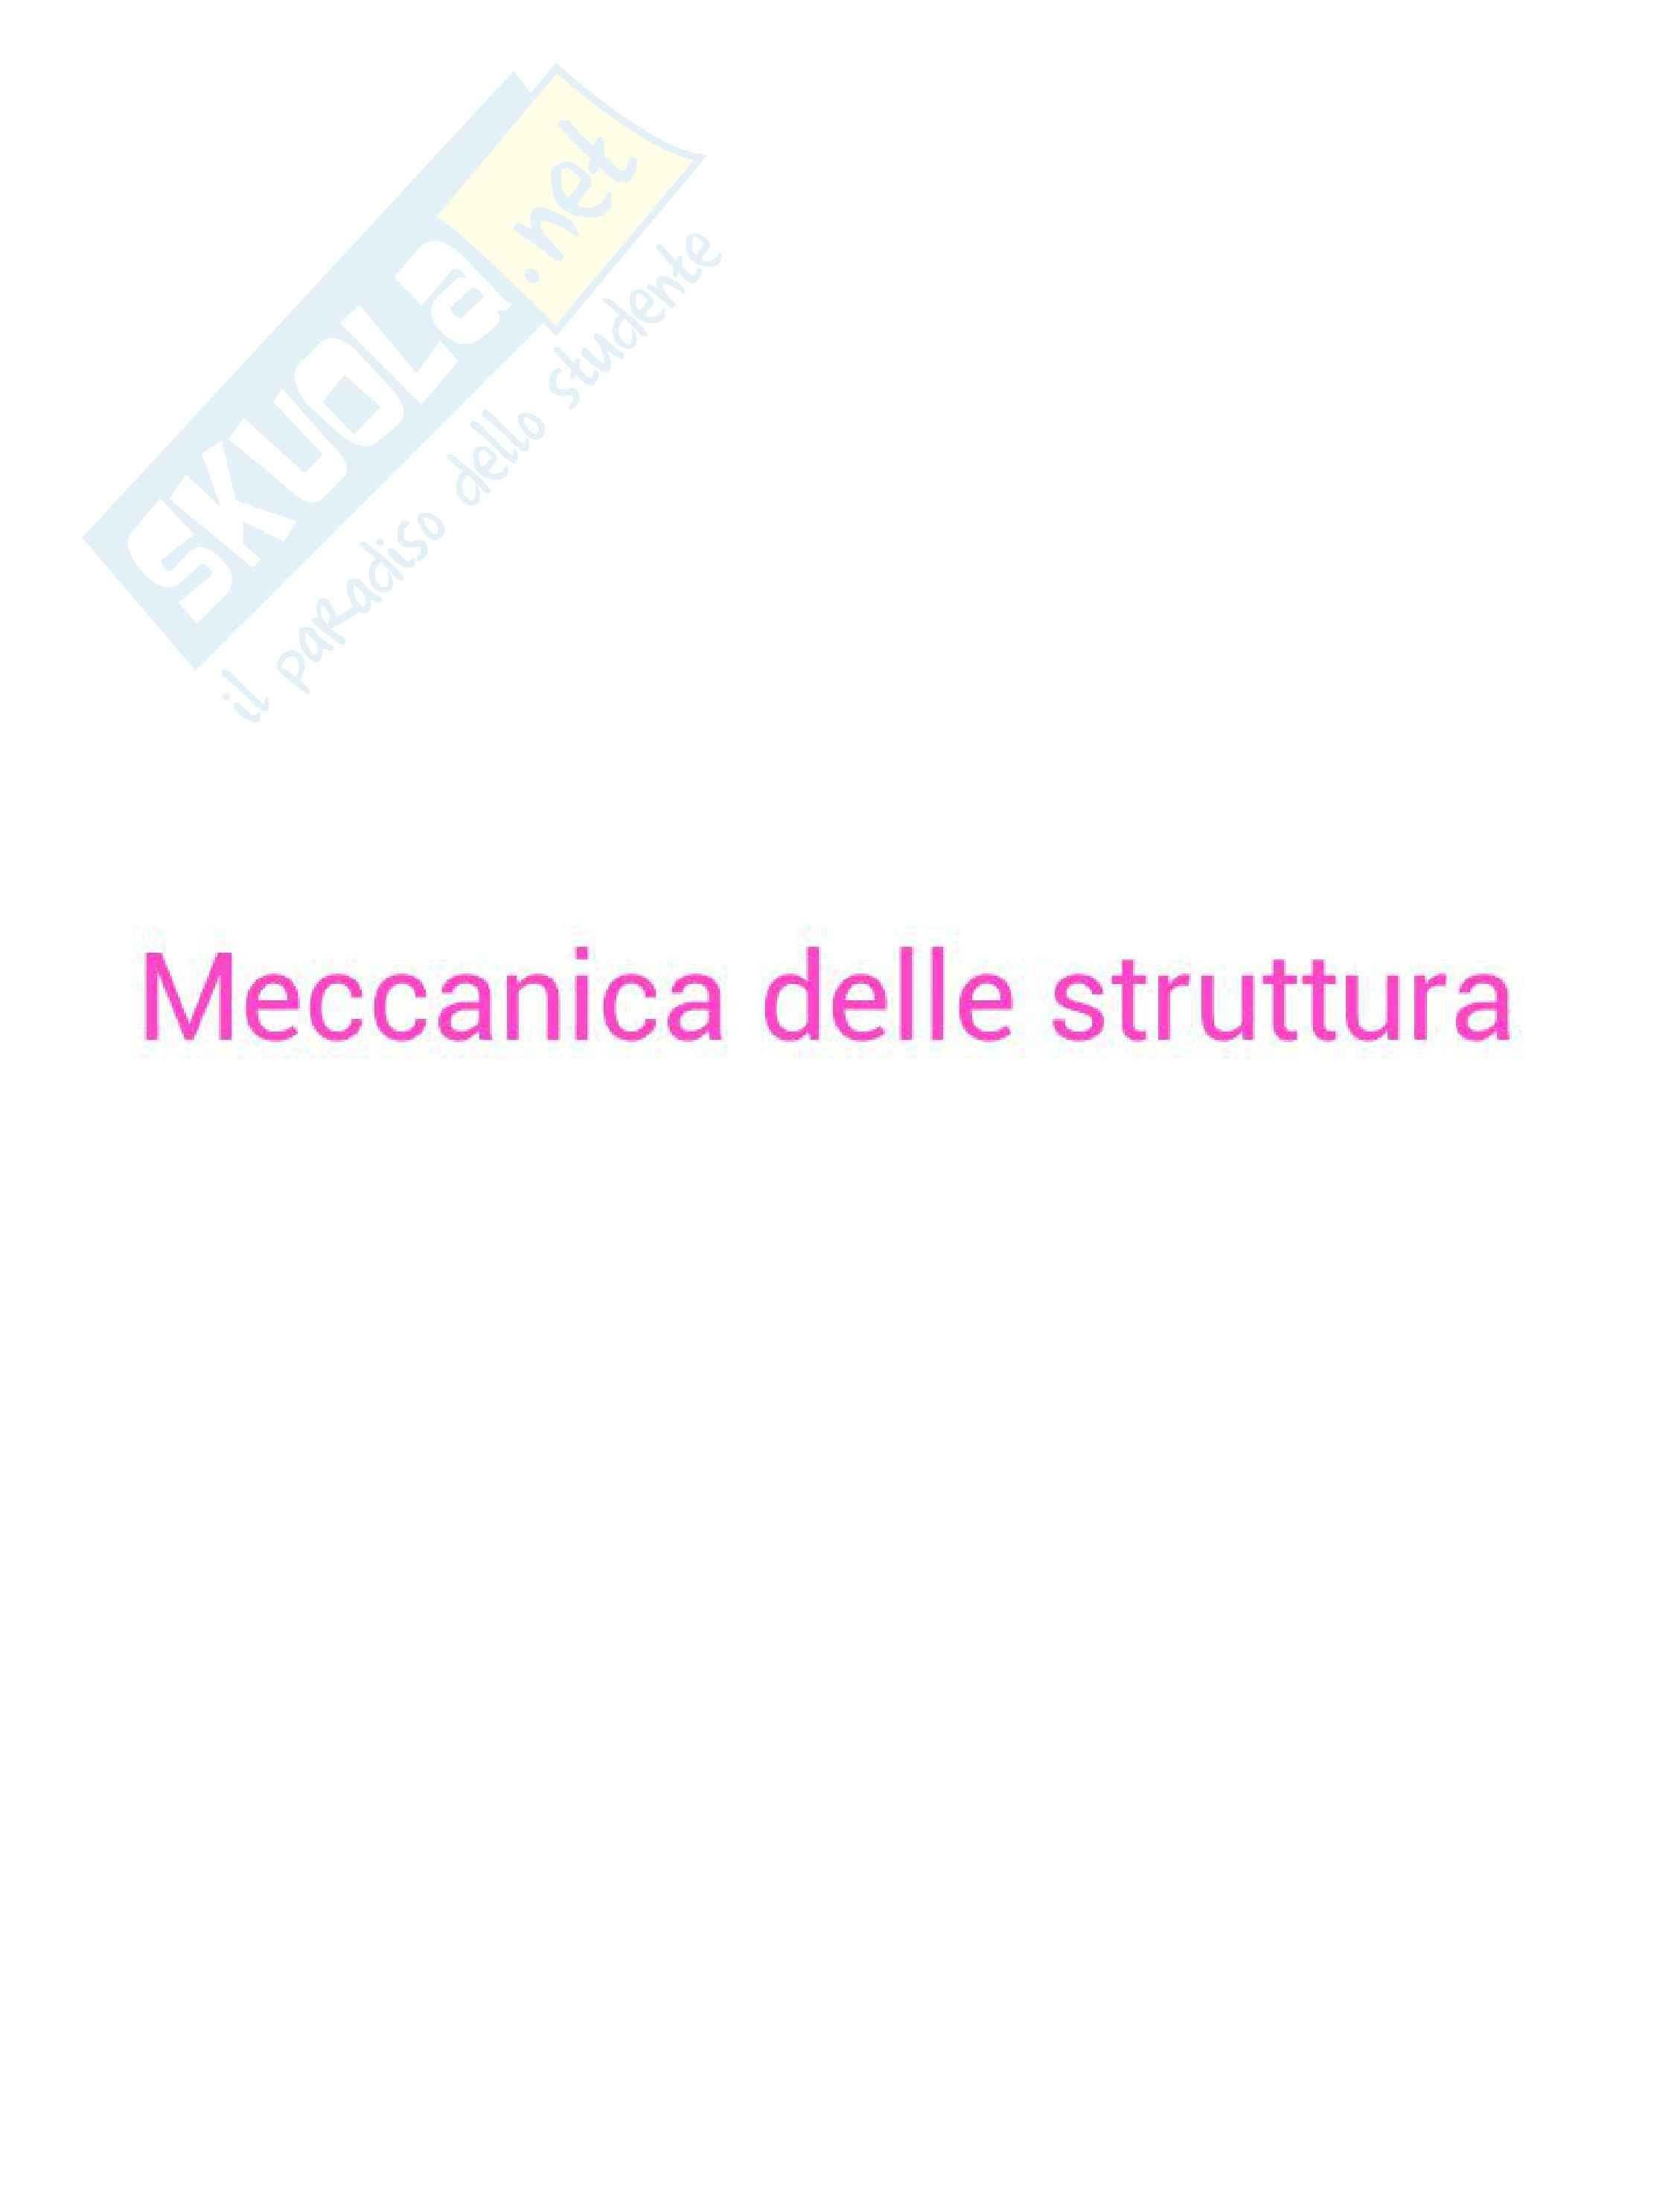 Meccanica delle strutture / statica